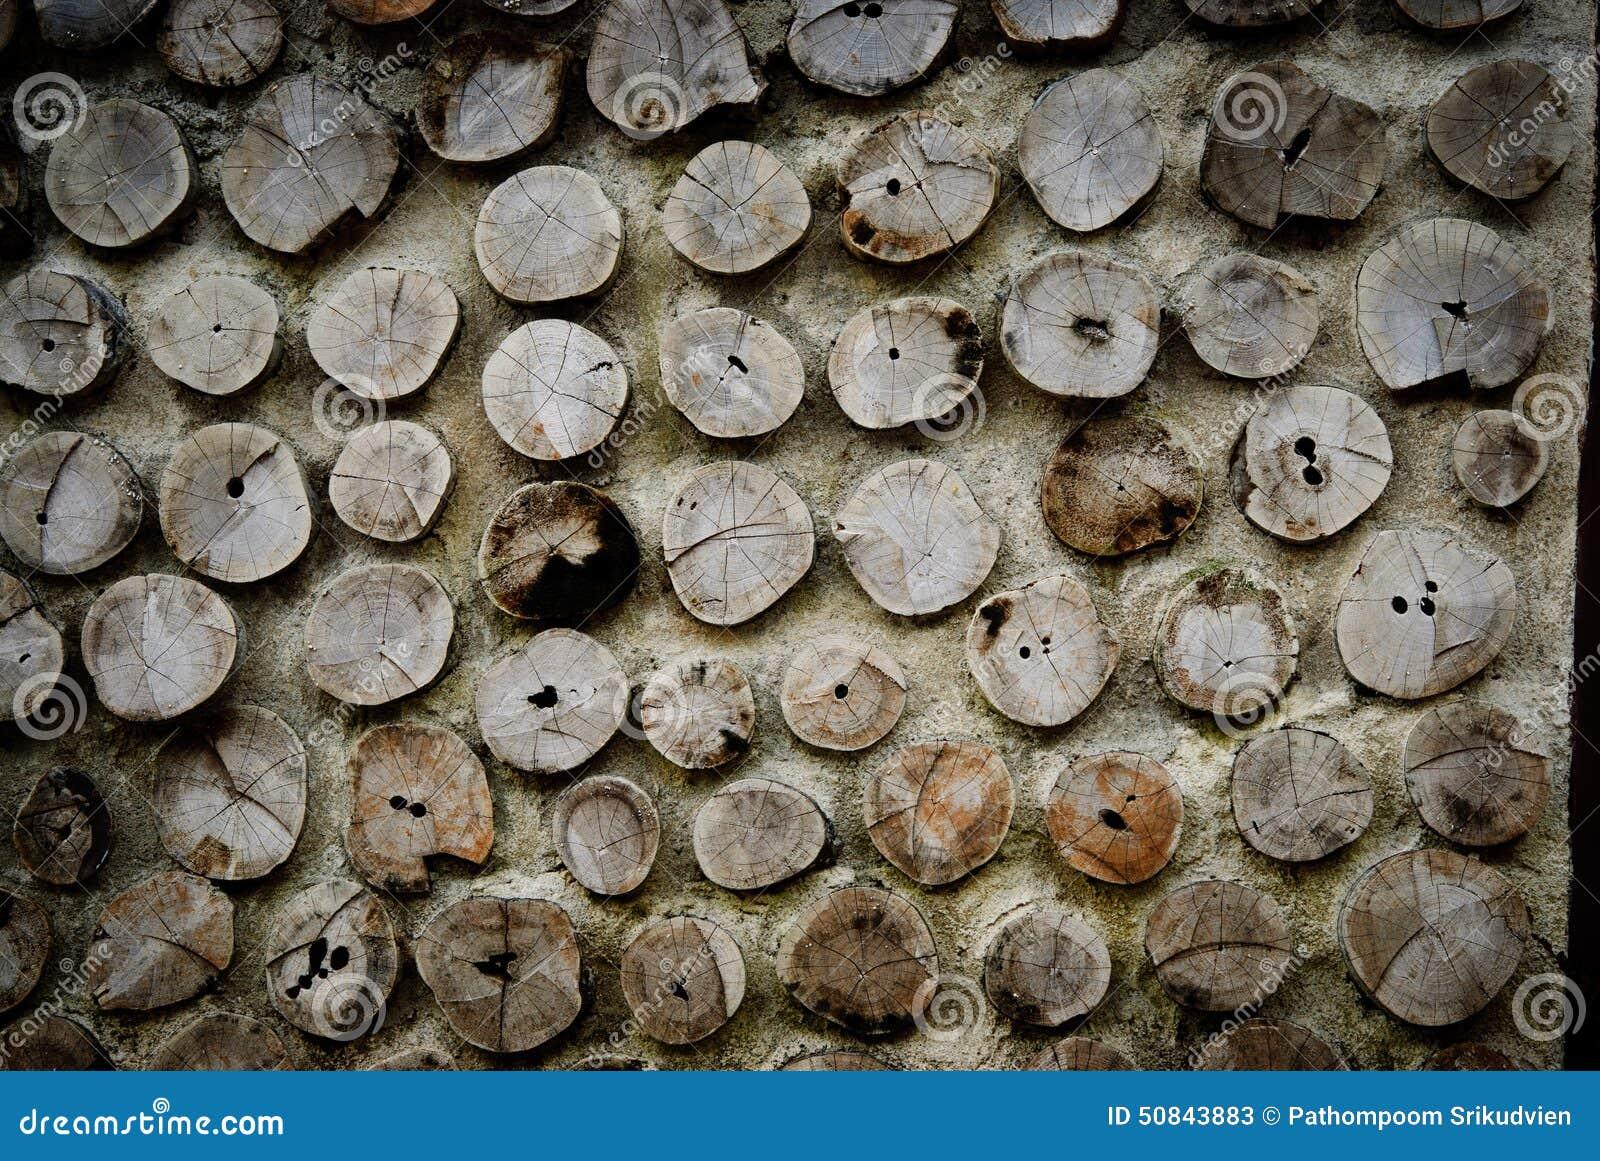 Madera en muro de cemento foto de archivo imagen 50843883 - Muro de madera ...